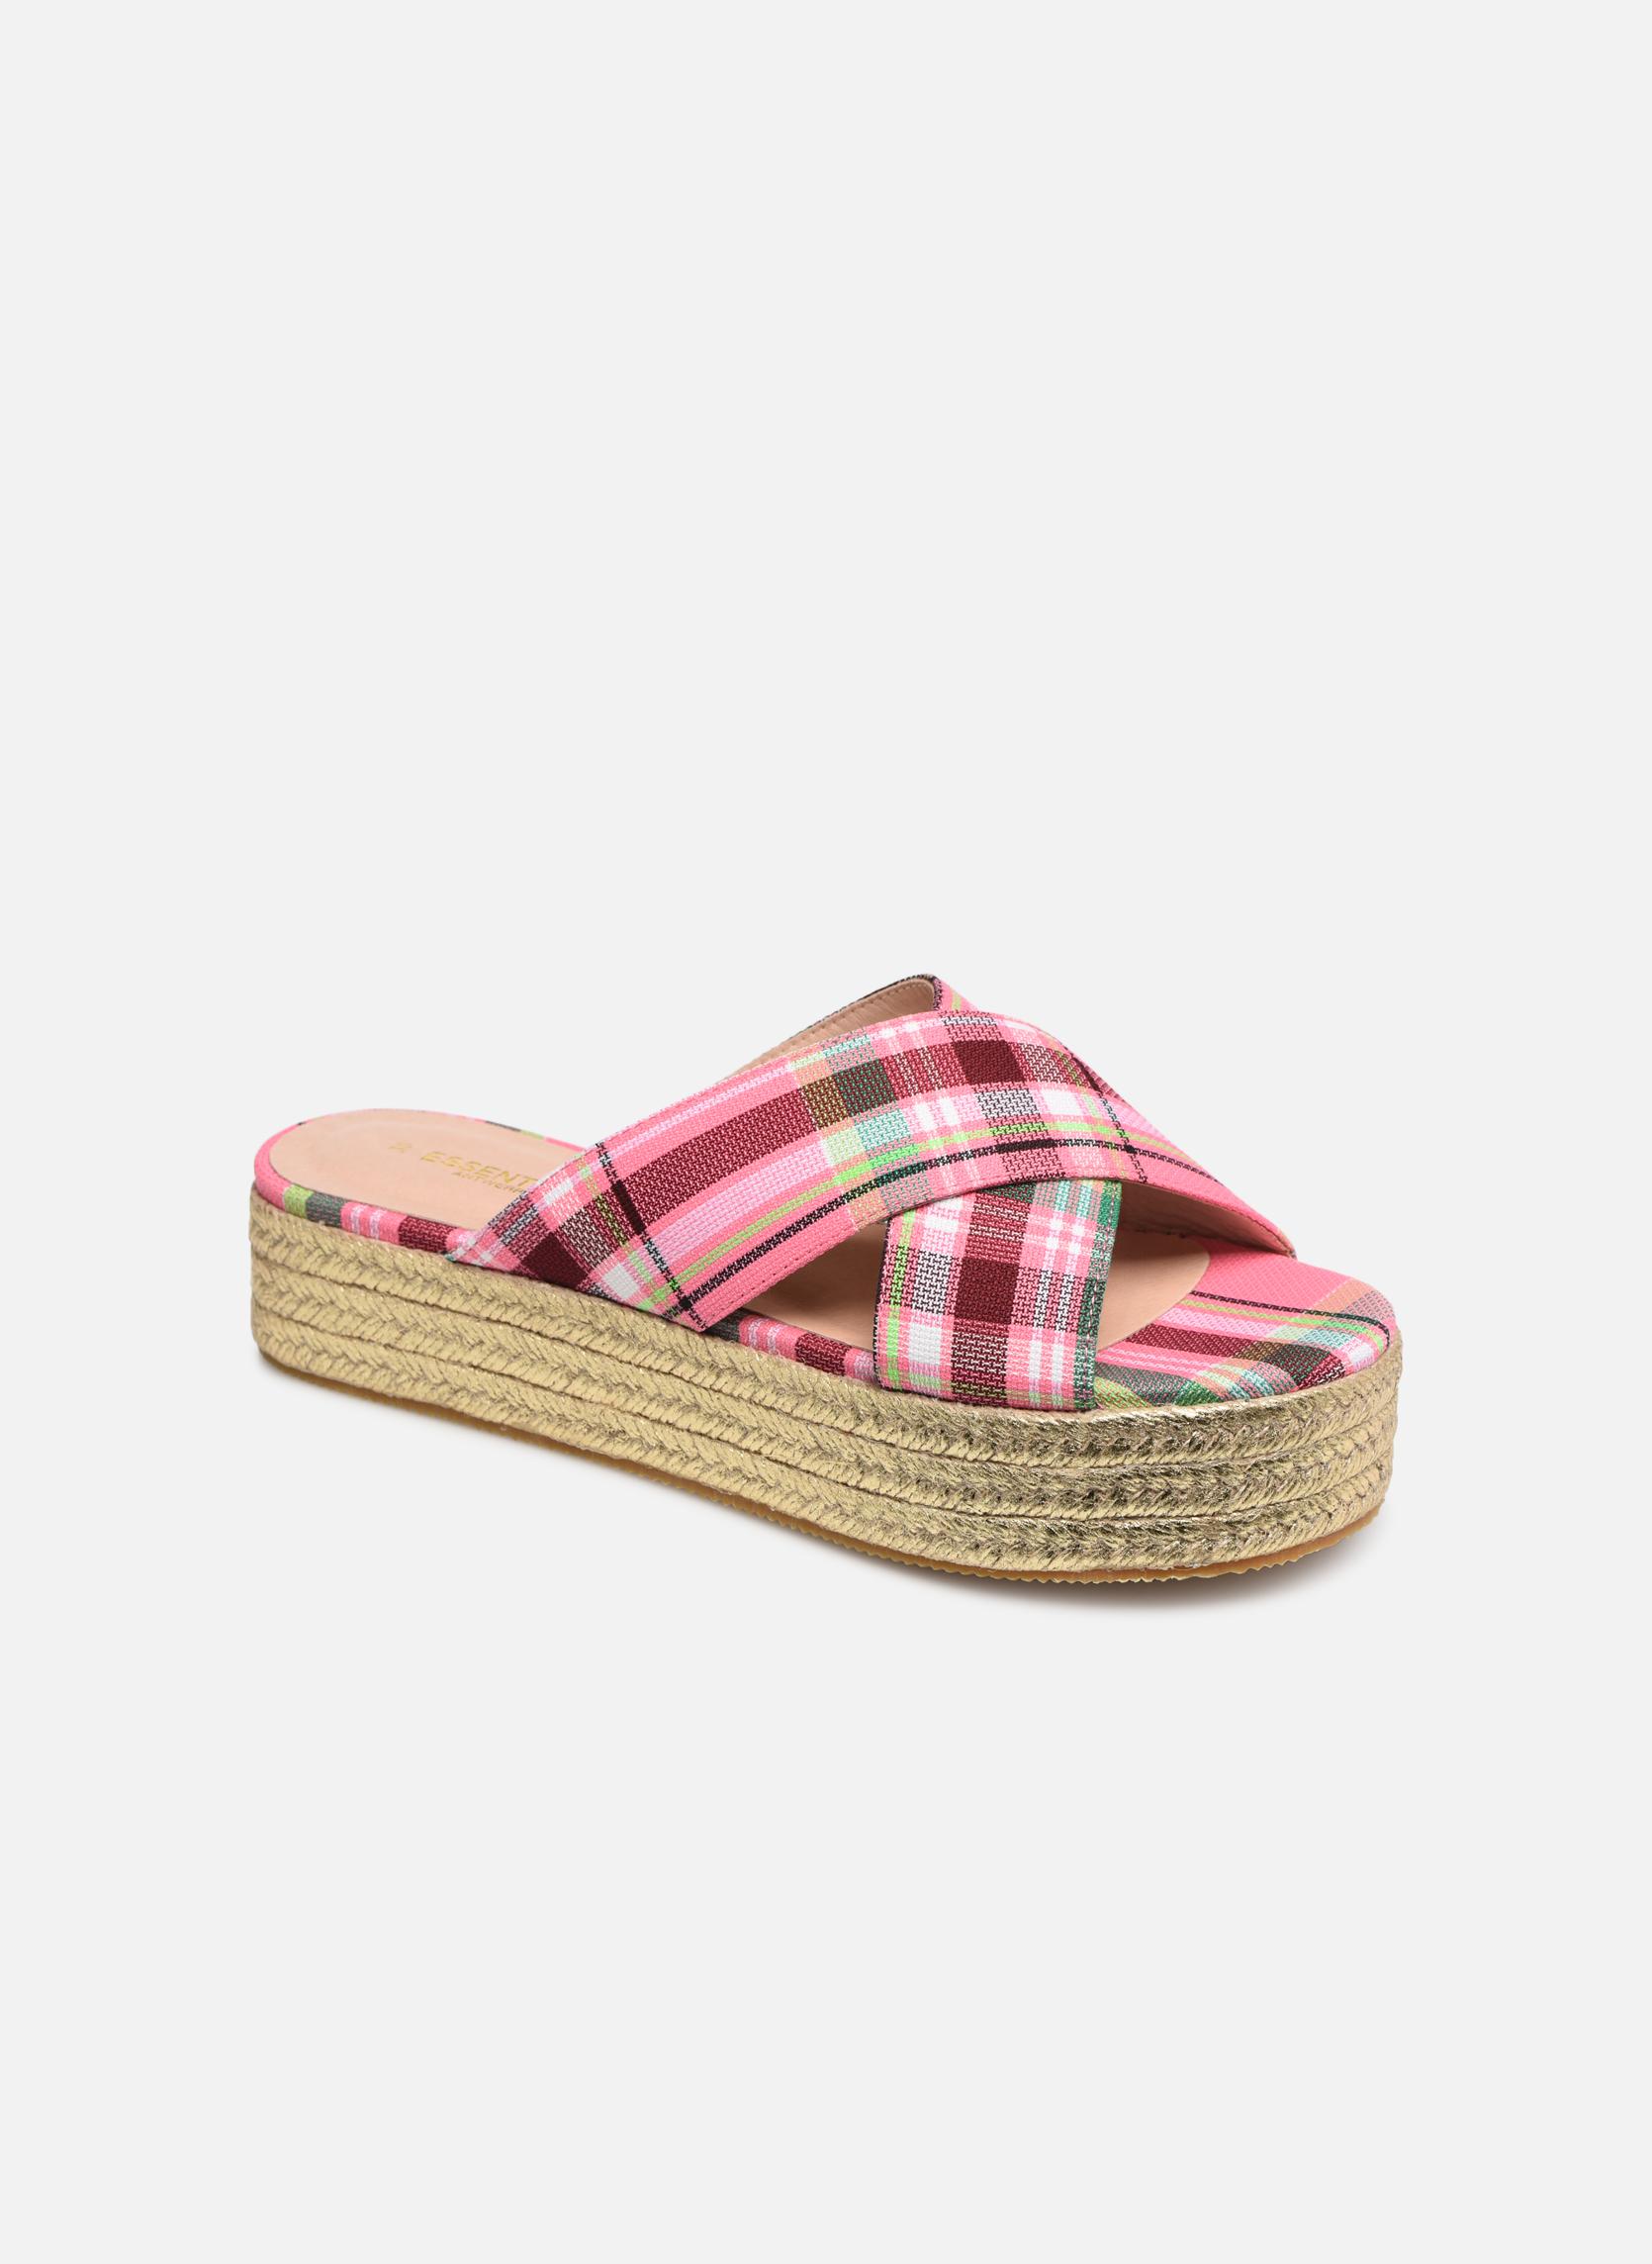 Swelter sandals par Essentiel Antwerp